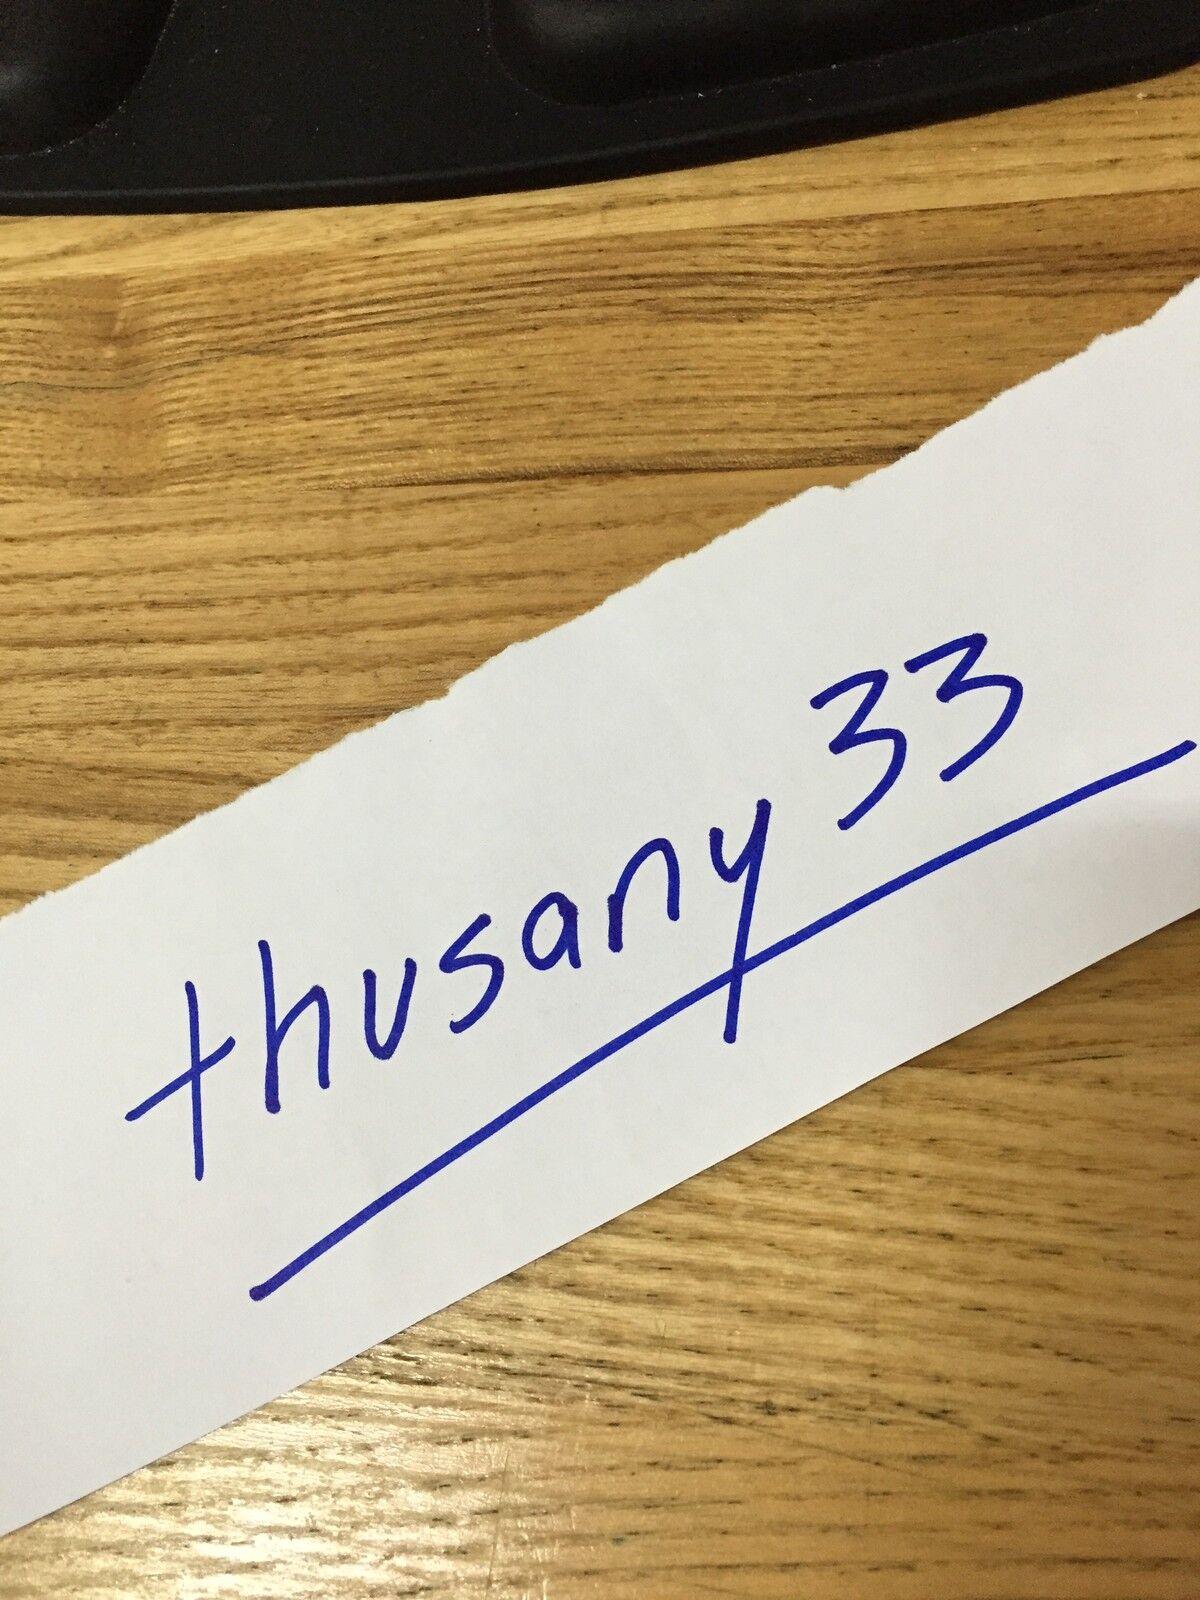 thusany33